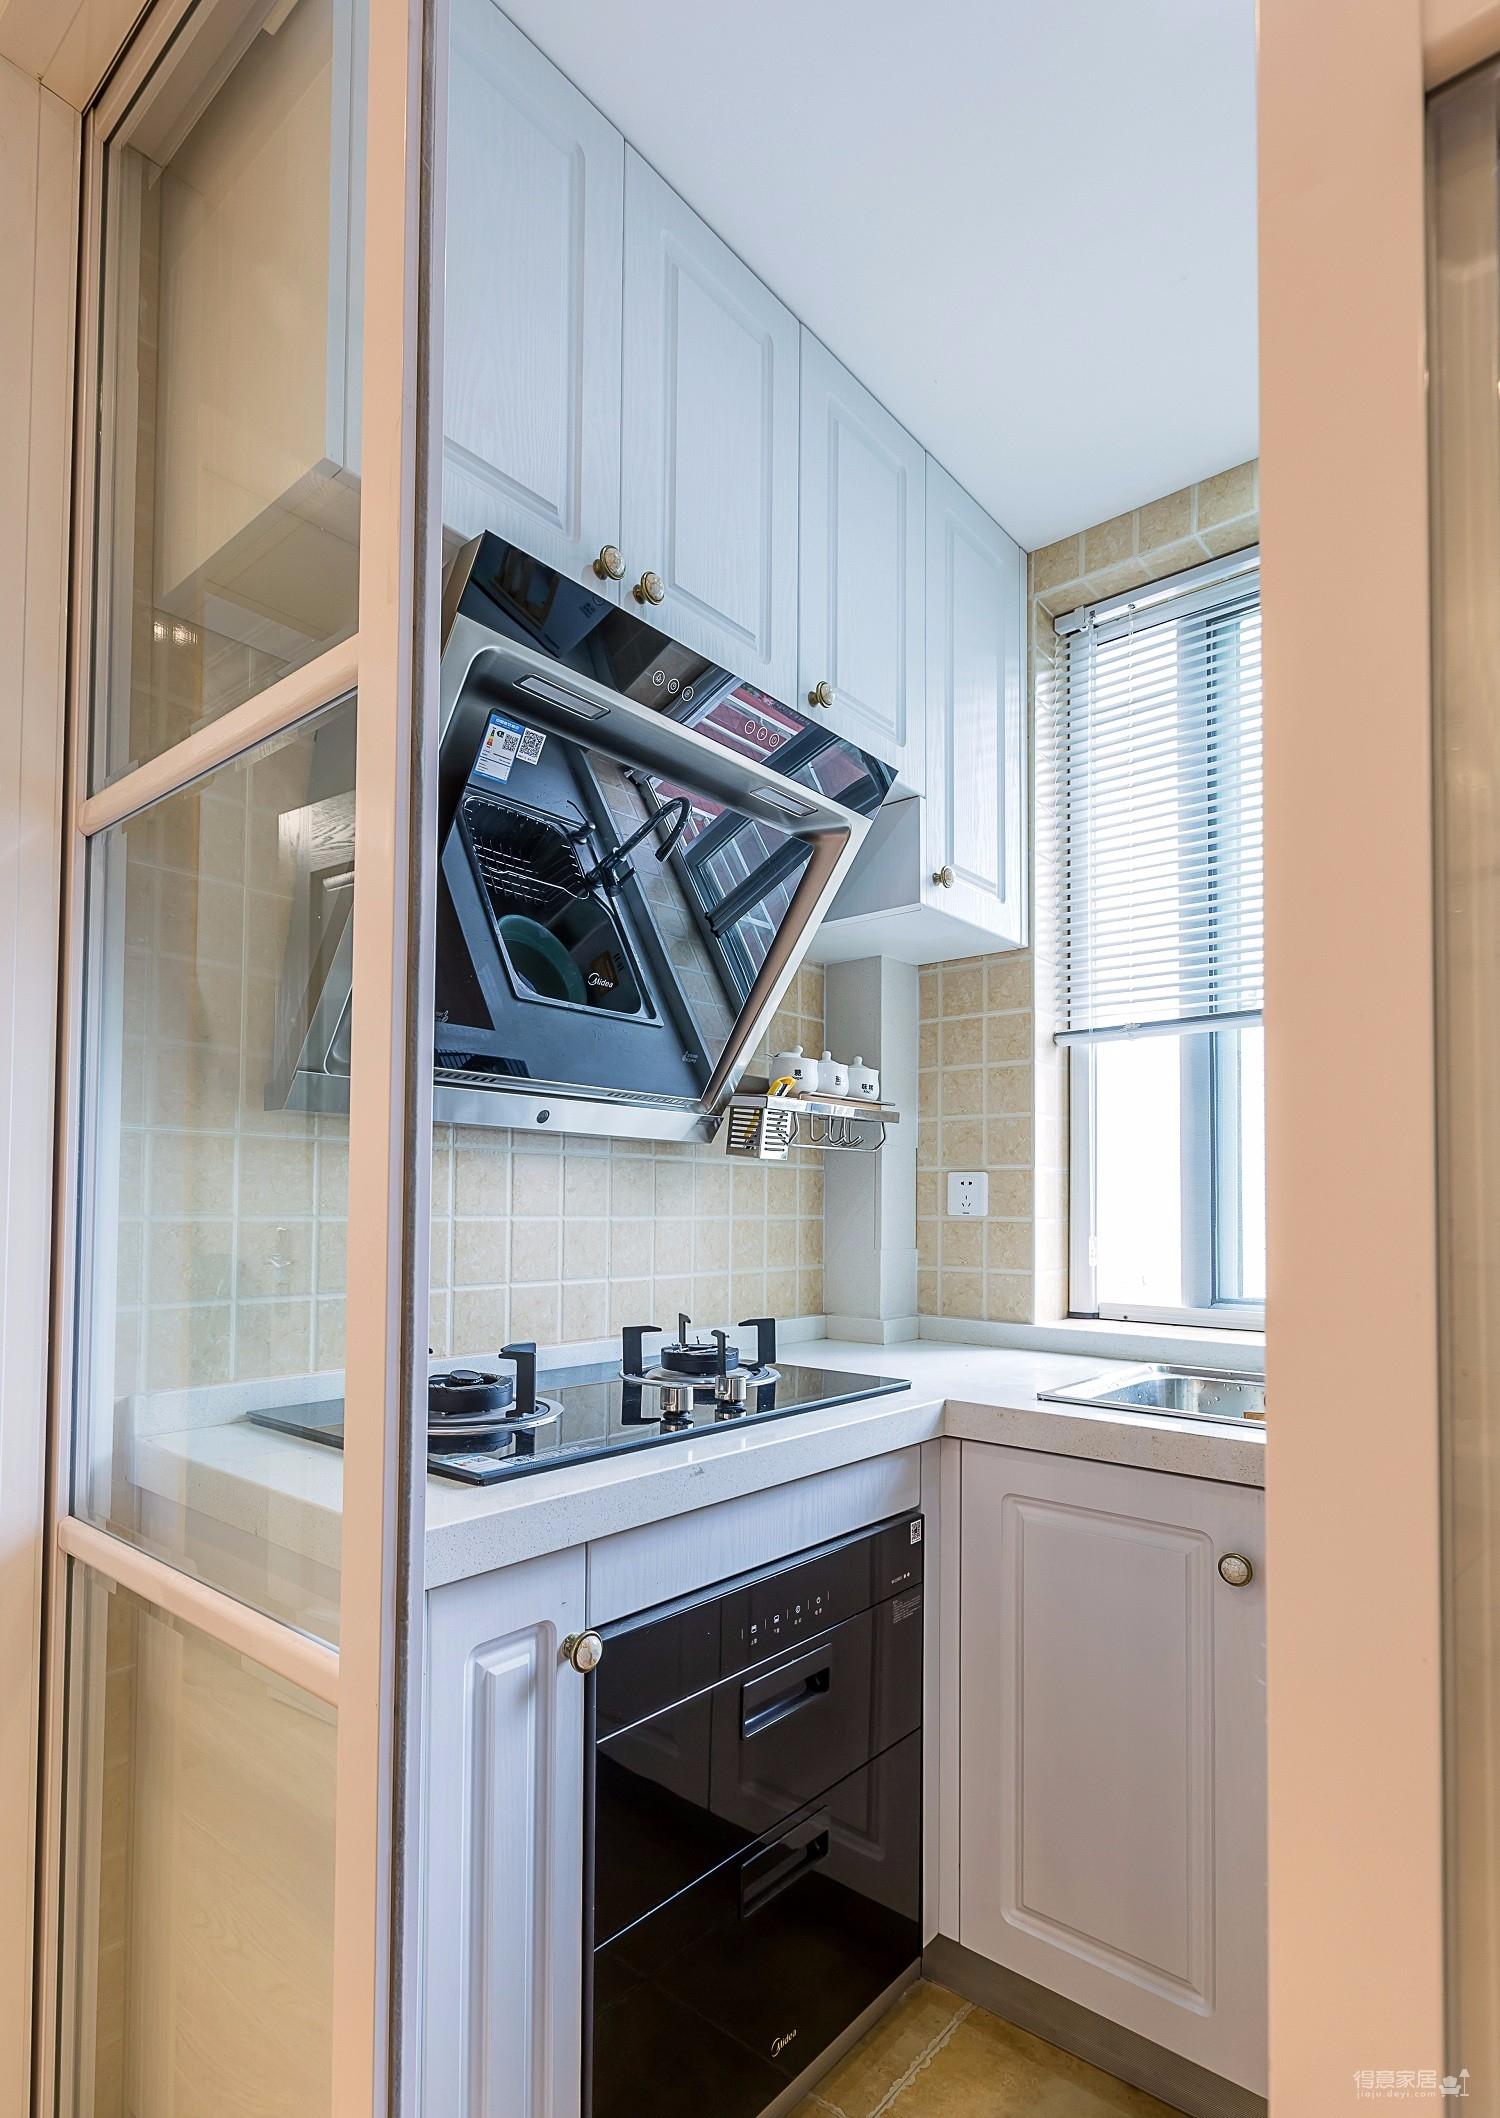 78平两室两厅现代美式小家完美登场